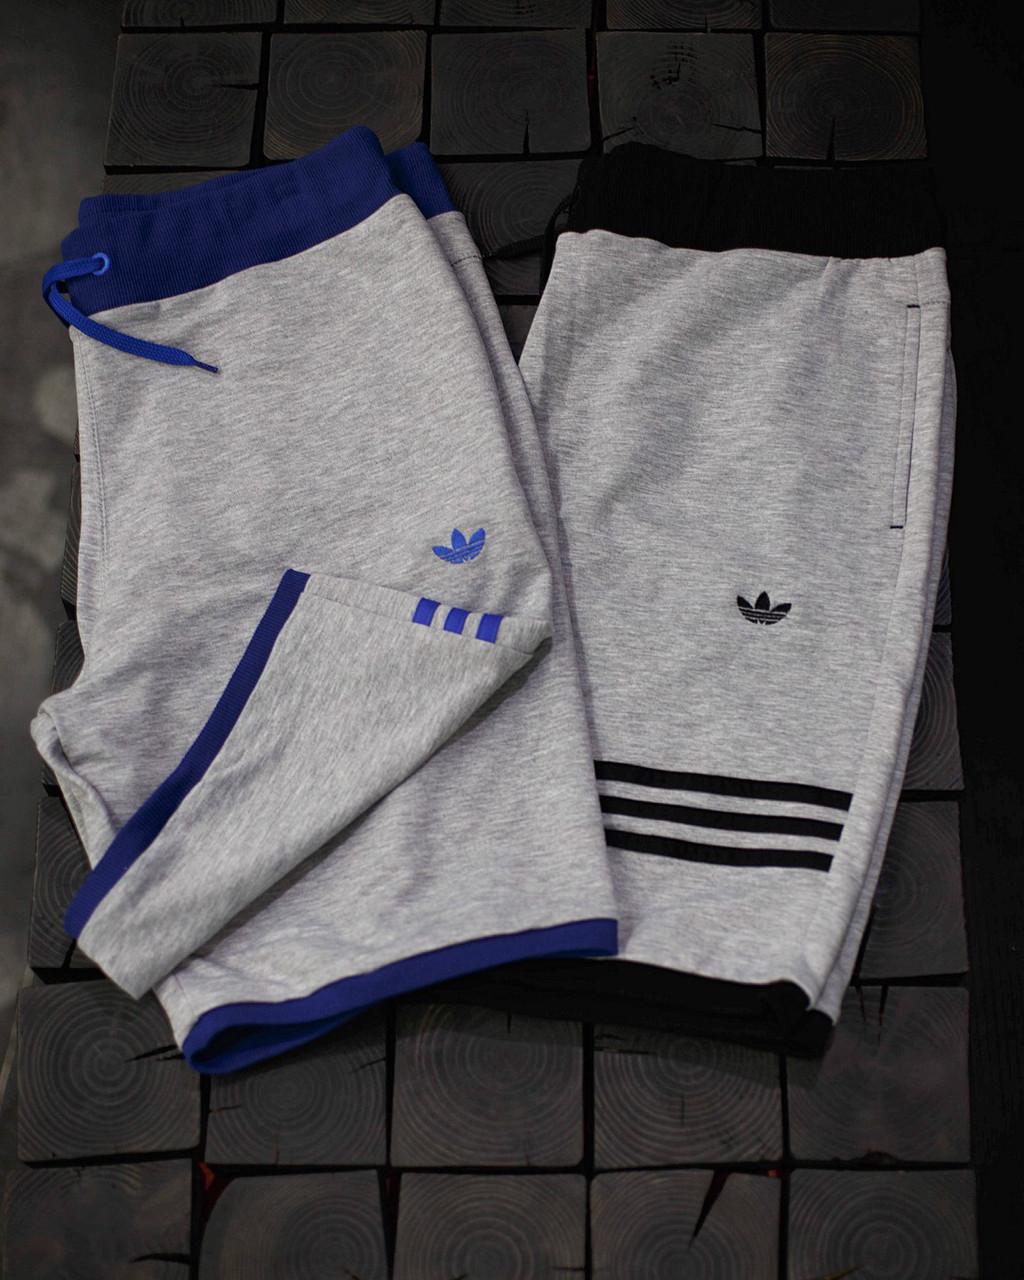 Шорты мужские Adidas.В трёх расцветках